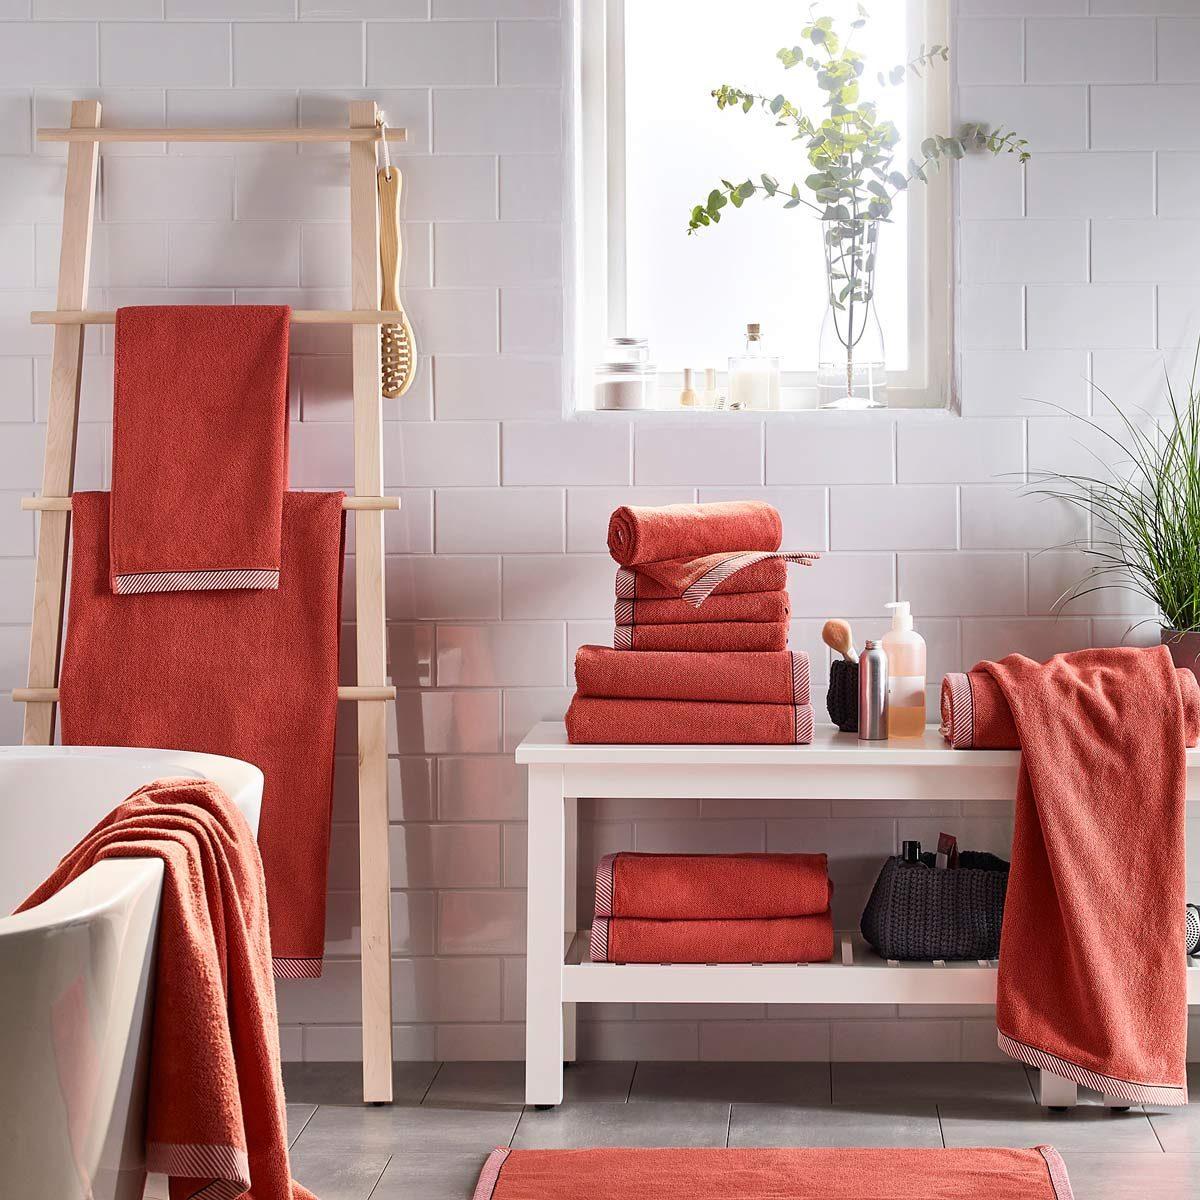 IKEA-bath